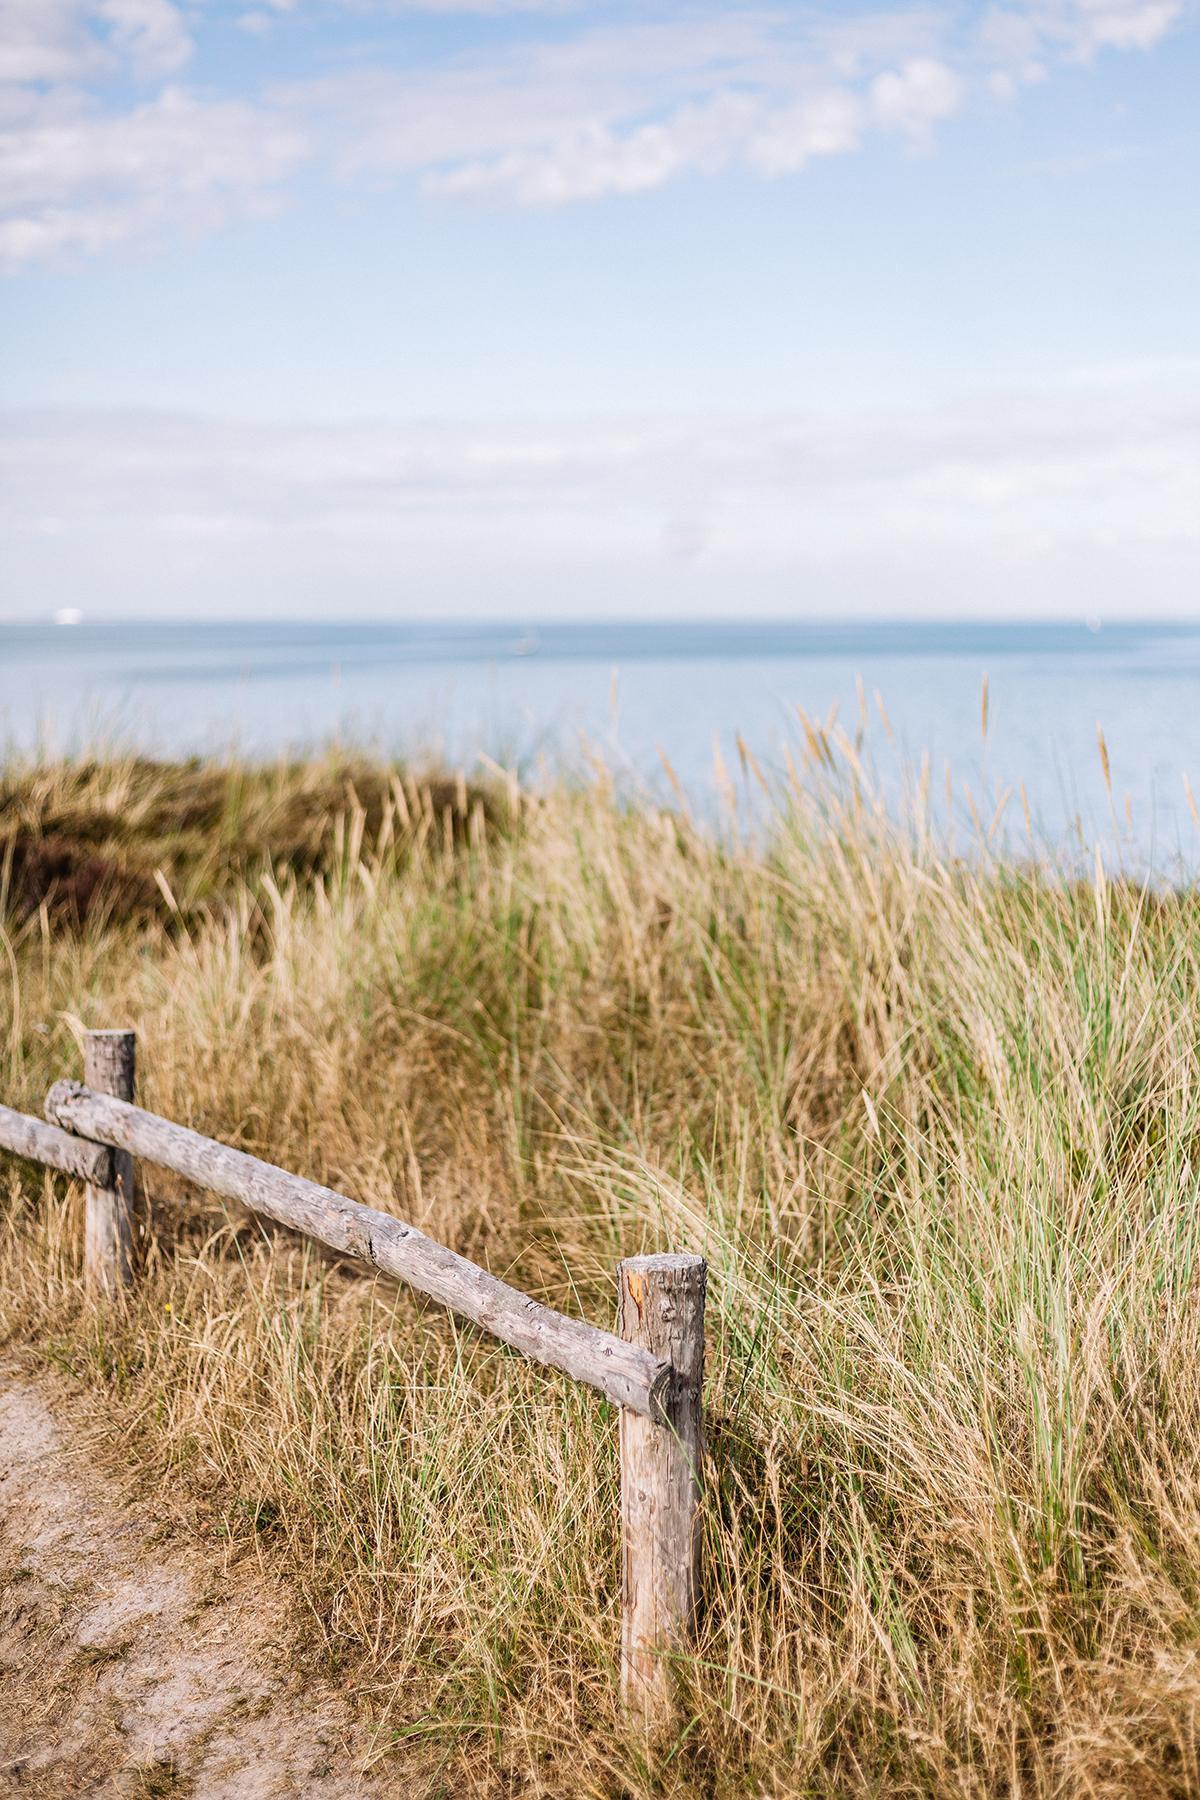 Violette Heidelandschaften, idyllische Ruhe, stilles Watt – die Braderuper Heide gehört zu meinen Sylter Lieblingsorten. Darum lohnt sich ein Spaziergang: